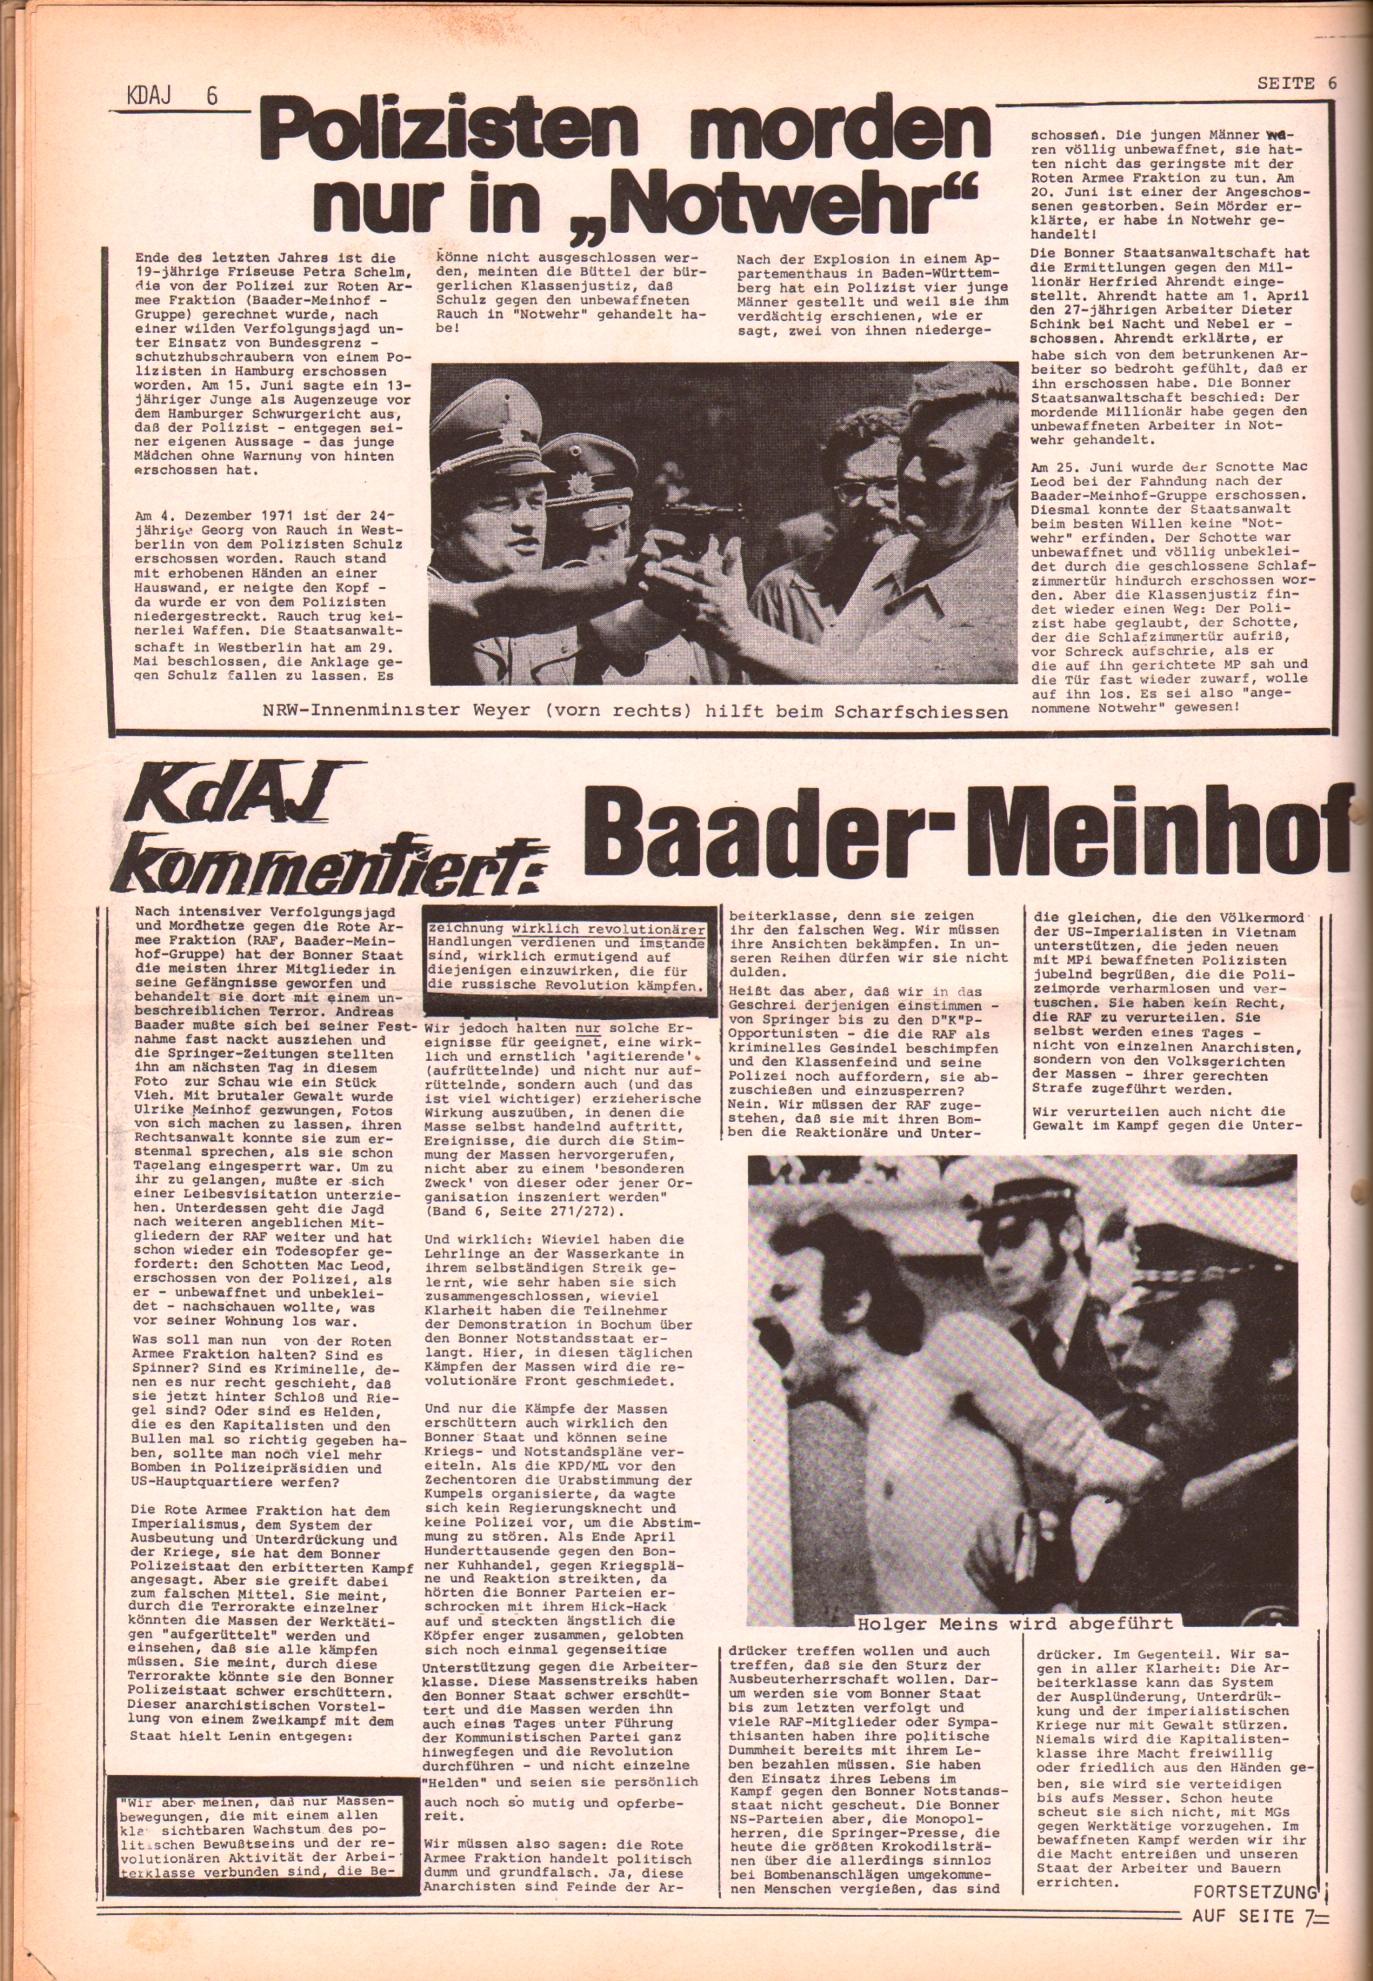 KDAJ, 3. Jg., Juli 1972, Nr. 6, Seite 6